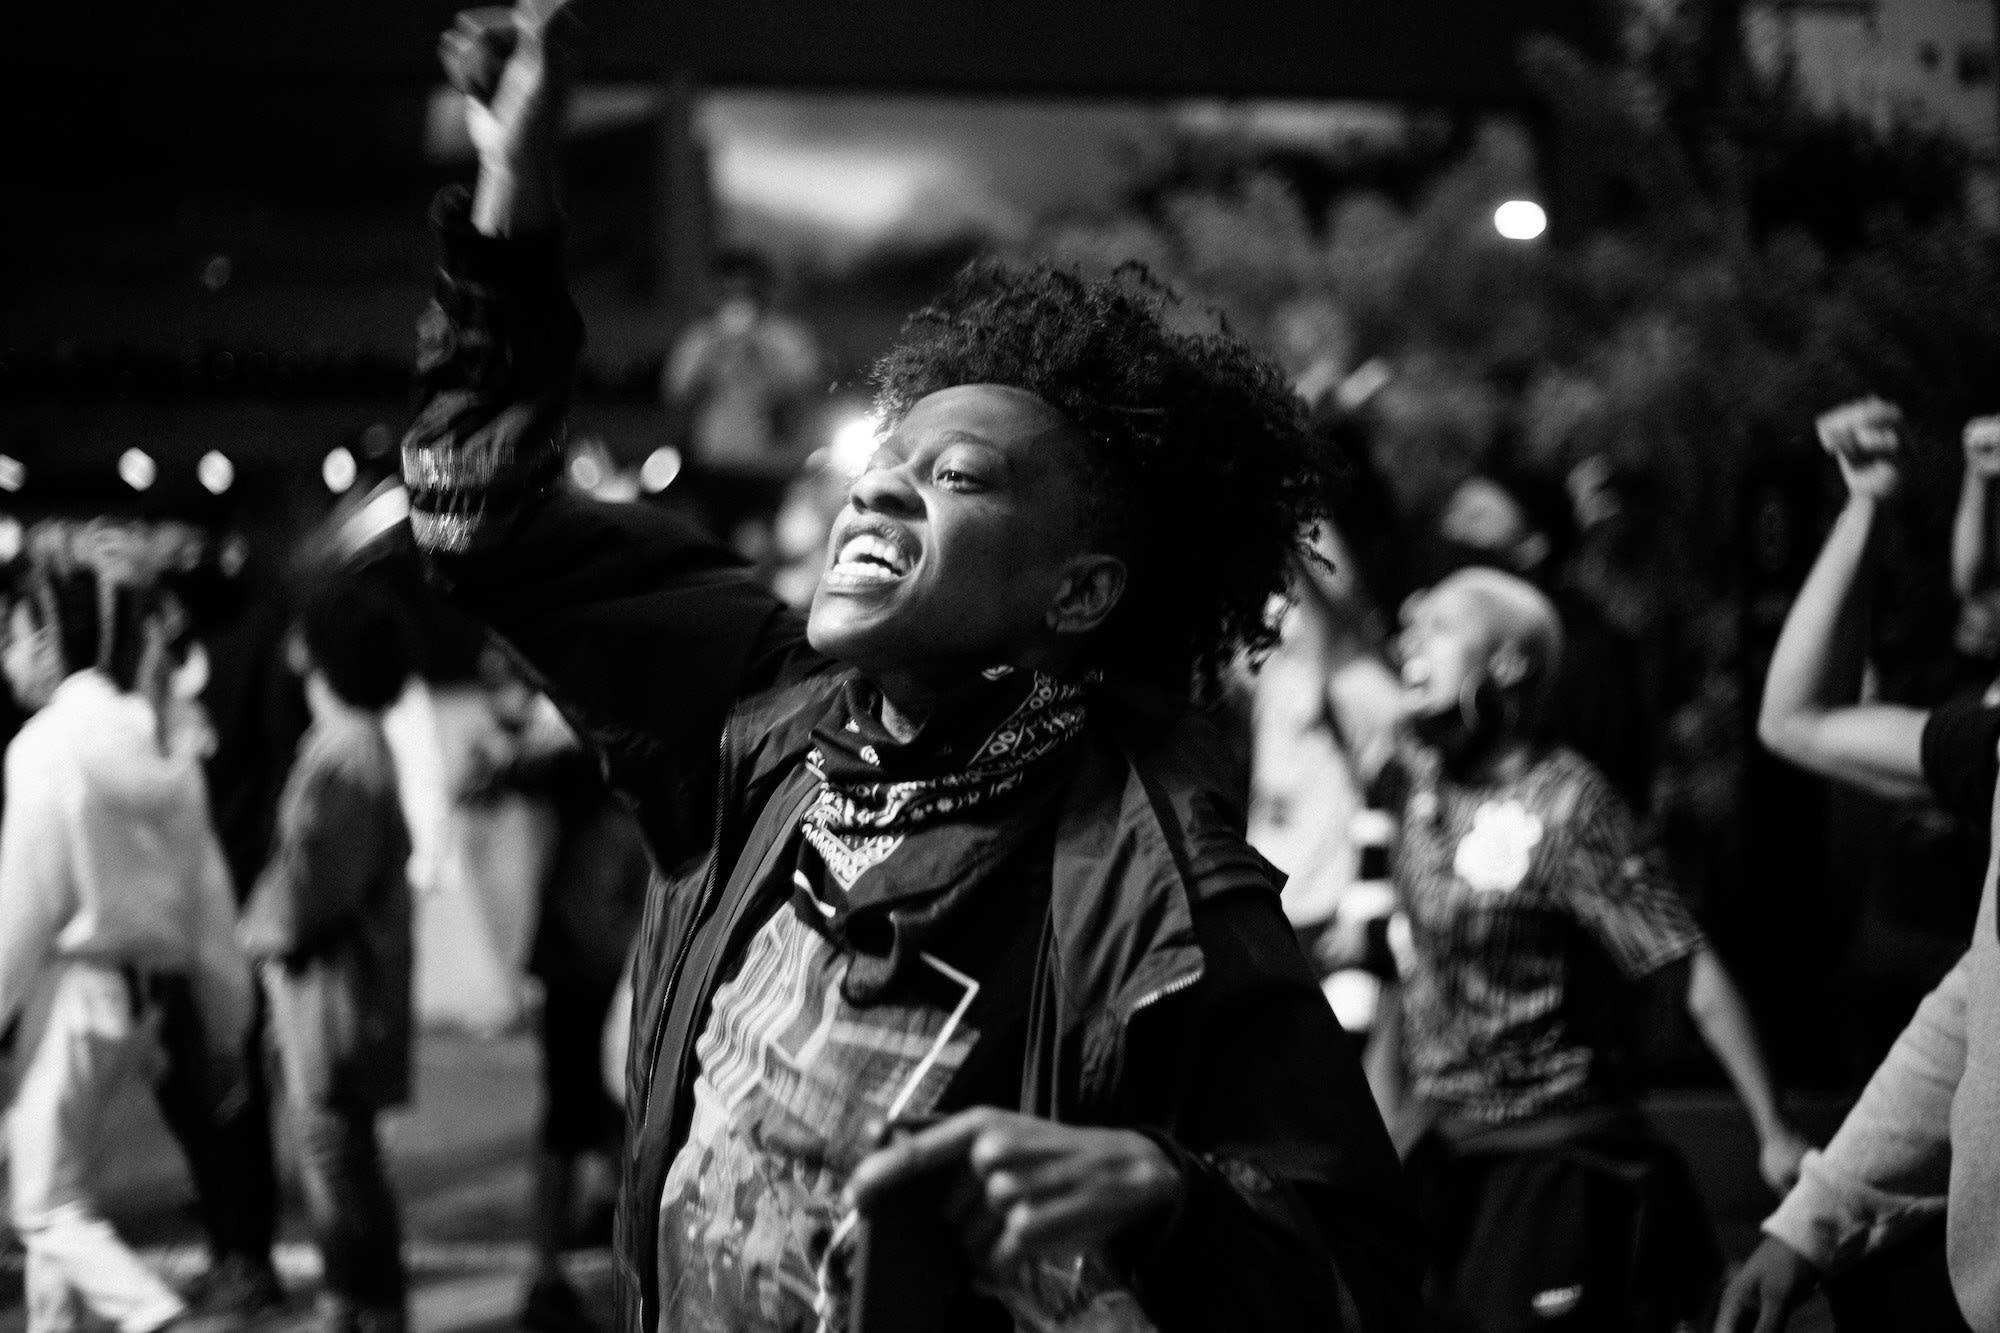 Cena de protesto com pessoas com braços erguidos, uma pessoa em primeiro plano com bandana no pescoço, gritando.